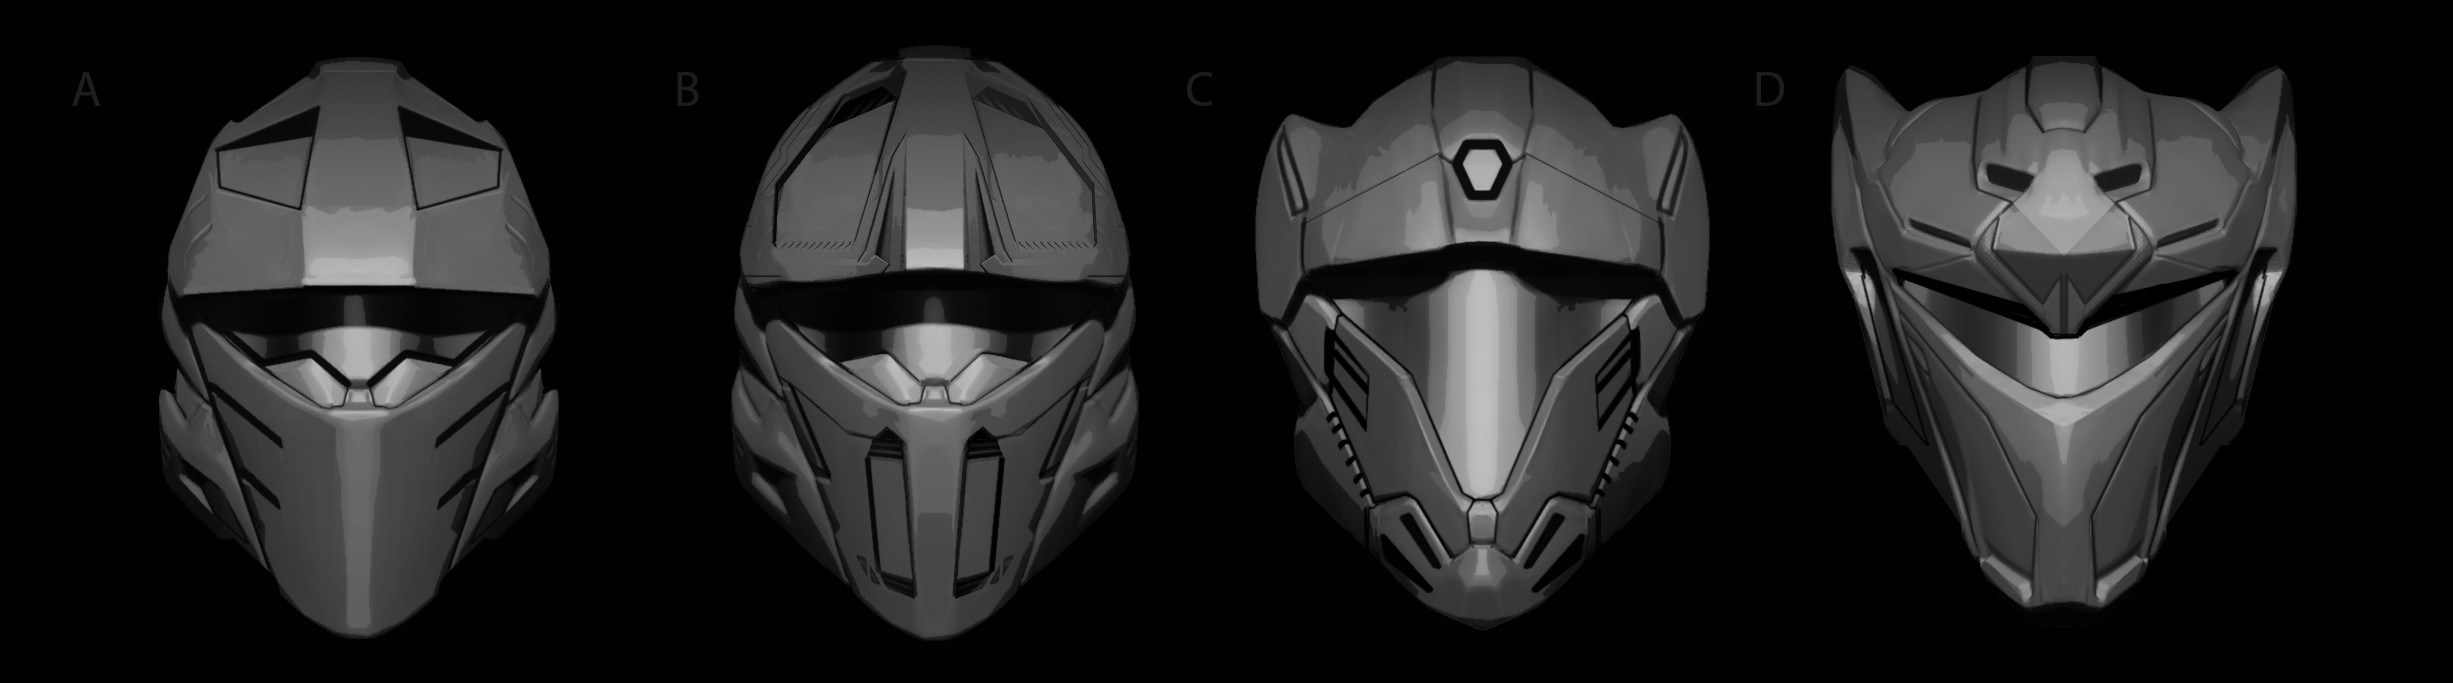 Helmet Ideas